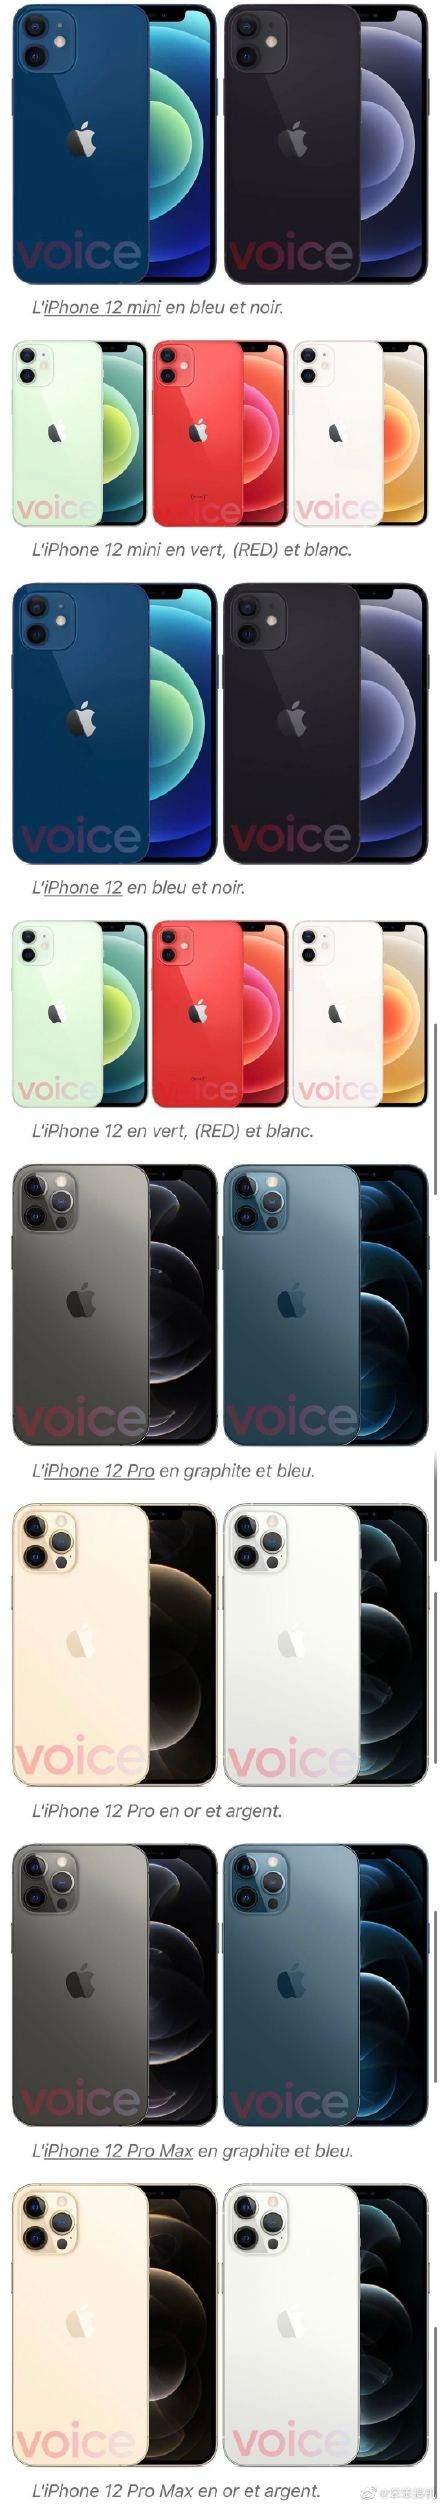 iphone12系列发布倒计时,官方渲染图再曝光!